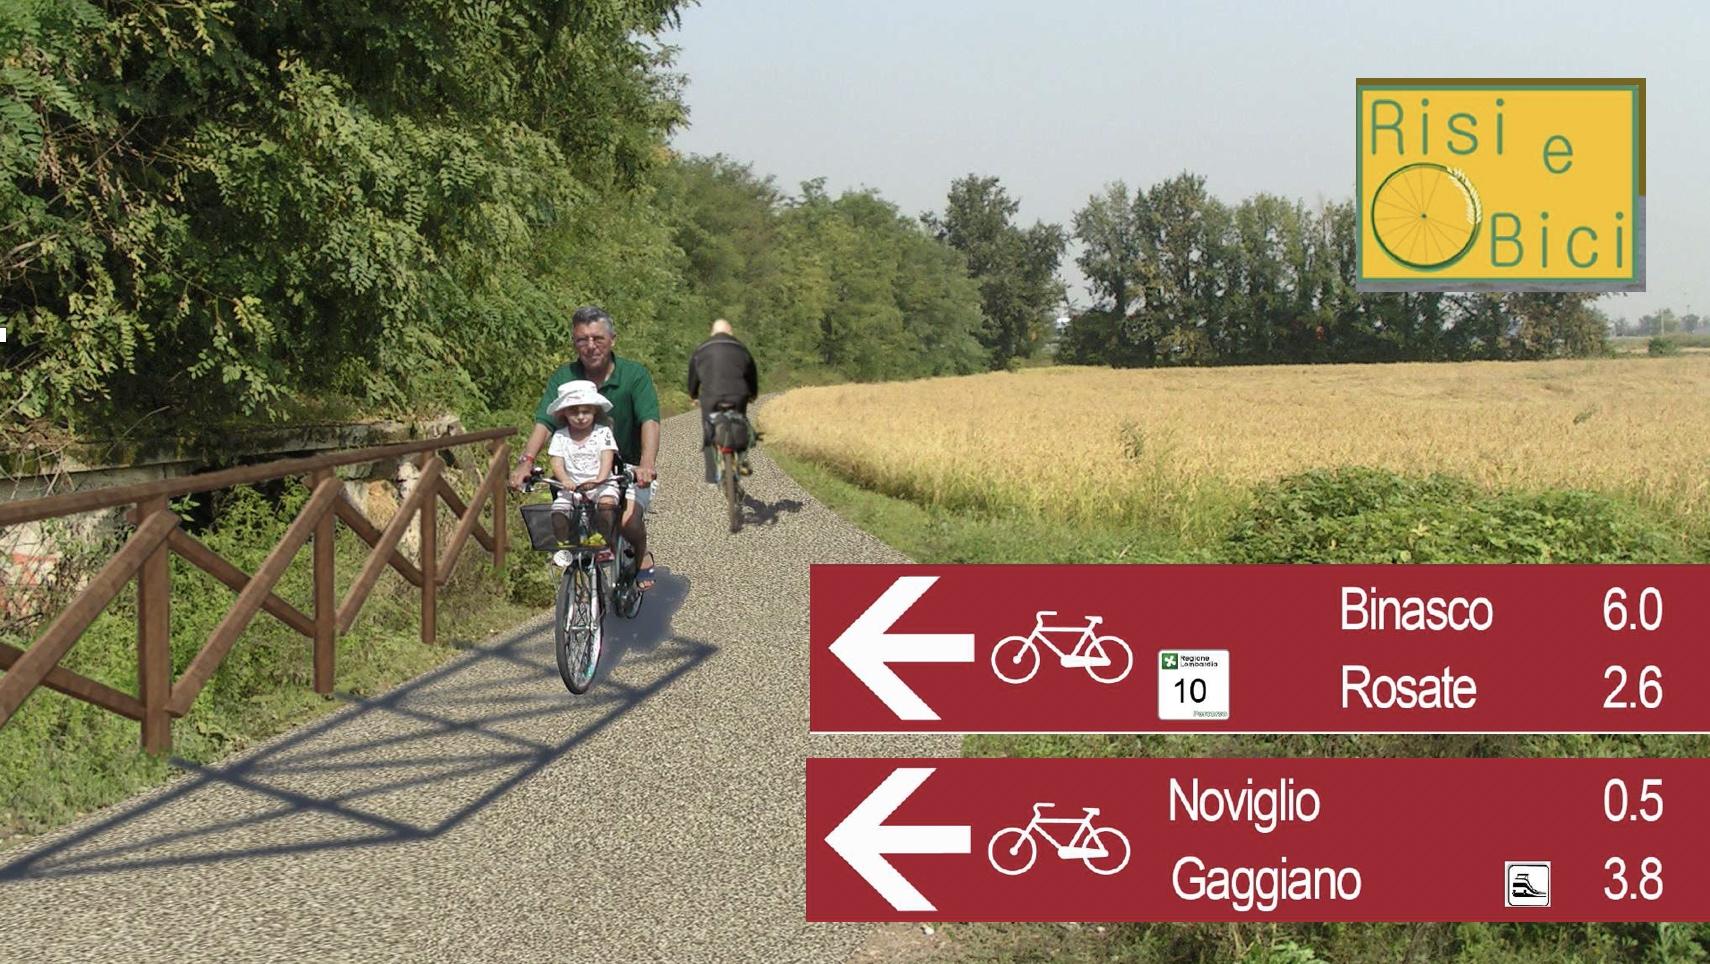 Fervono i lavori per Risi e Bici una pista ciclabile da Naviglio a Naviglio per lasciare a casa l'auto e scoprire il territorio